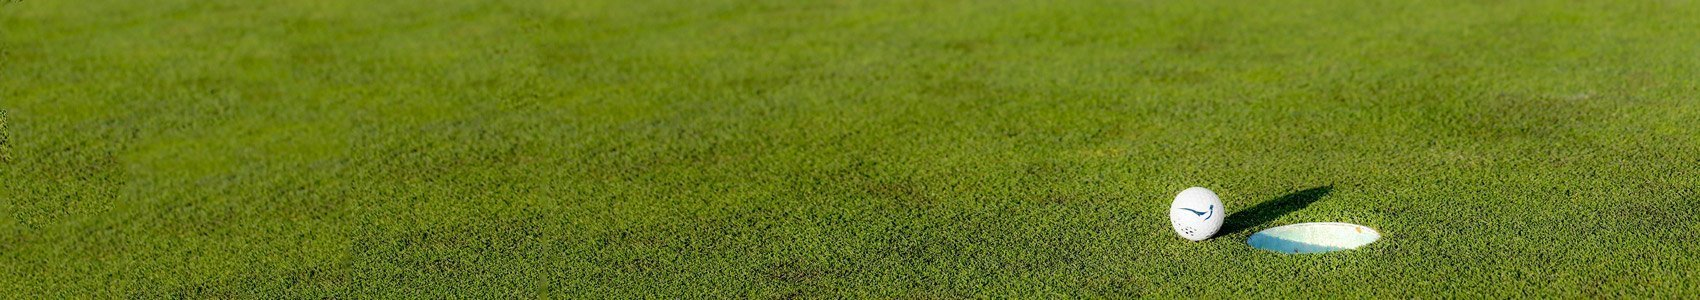 golf ball hole